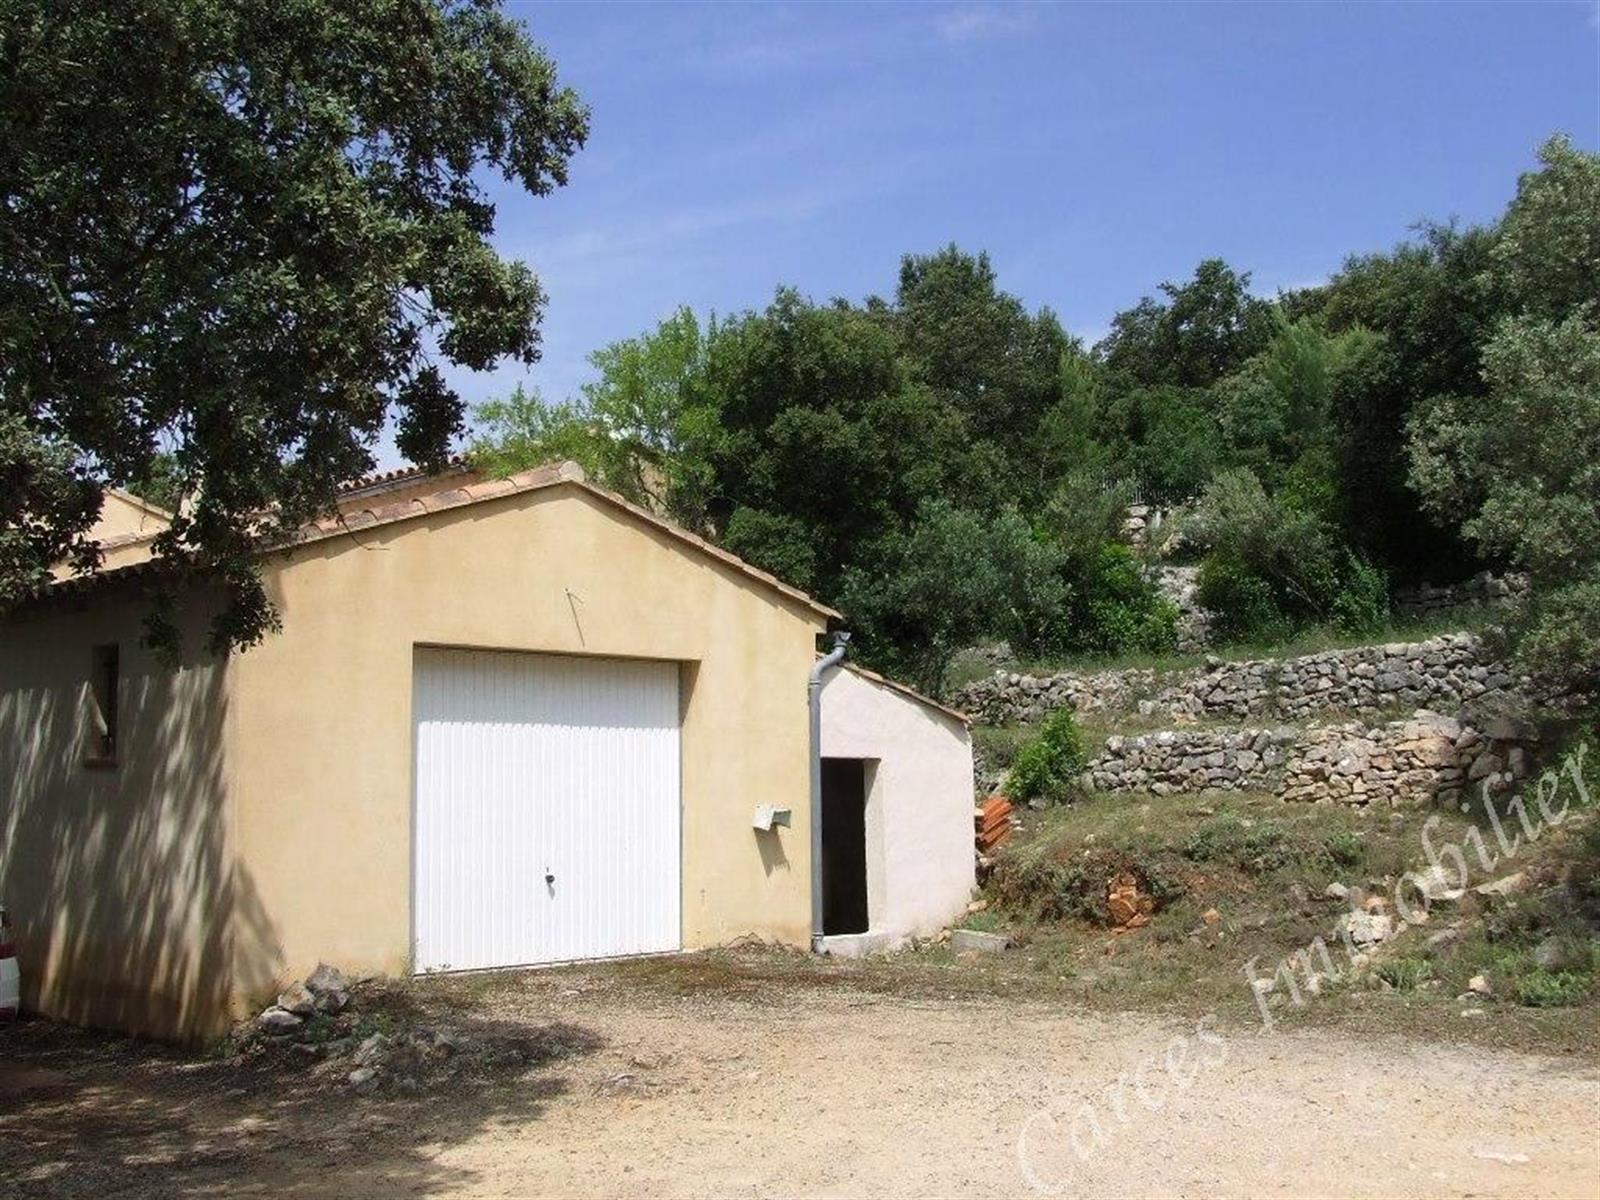 Maison de vacances - Cotignac - #4184431-4